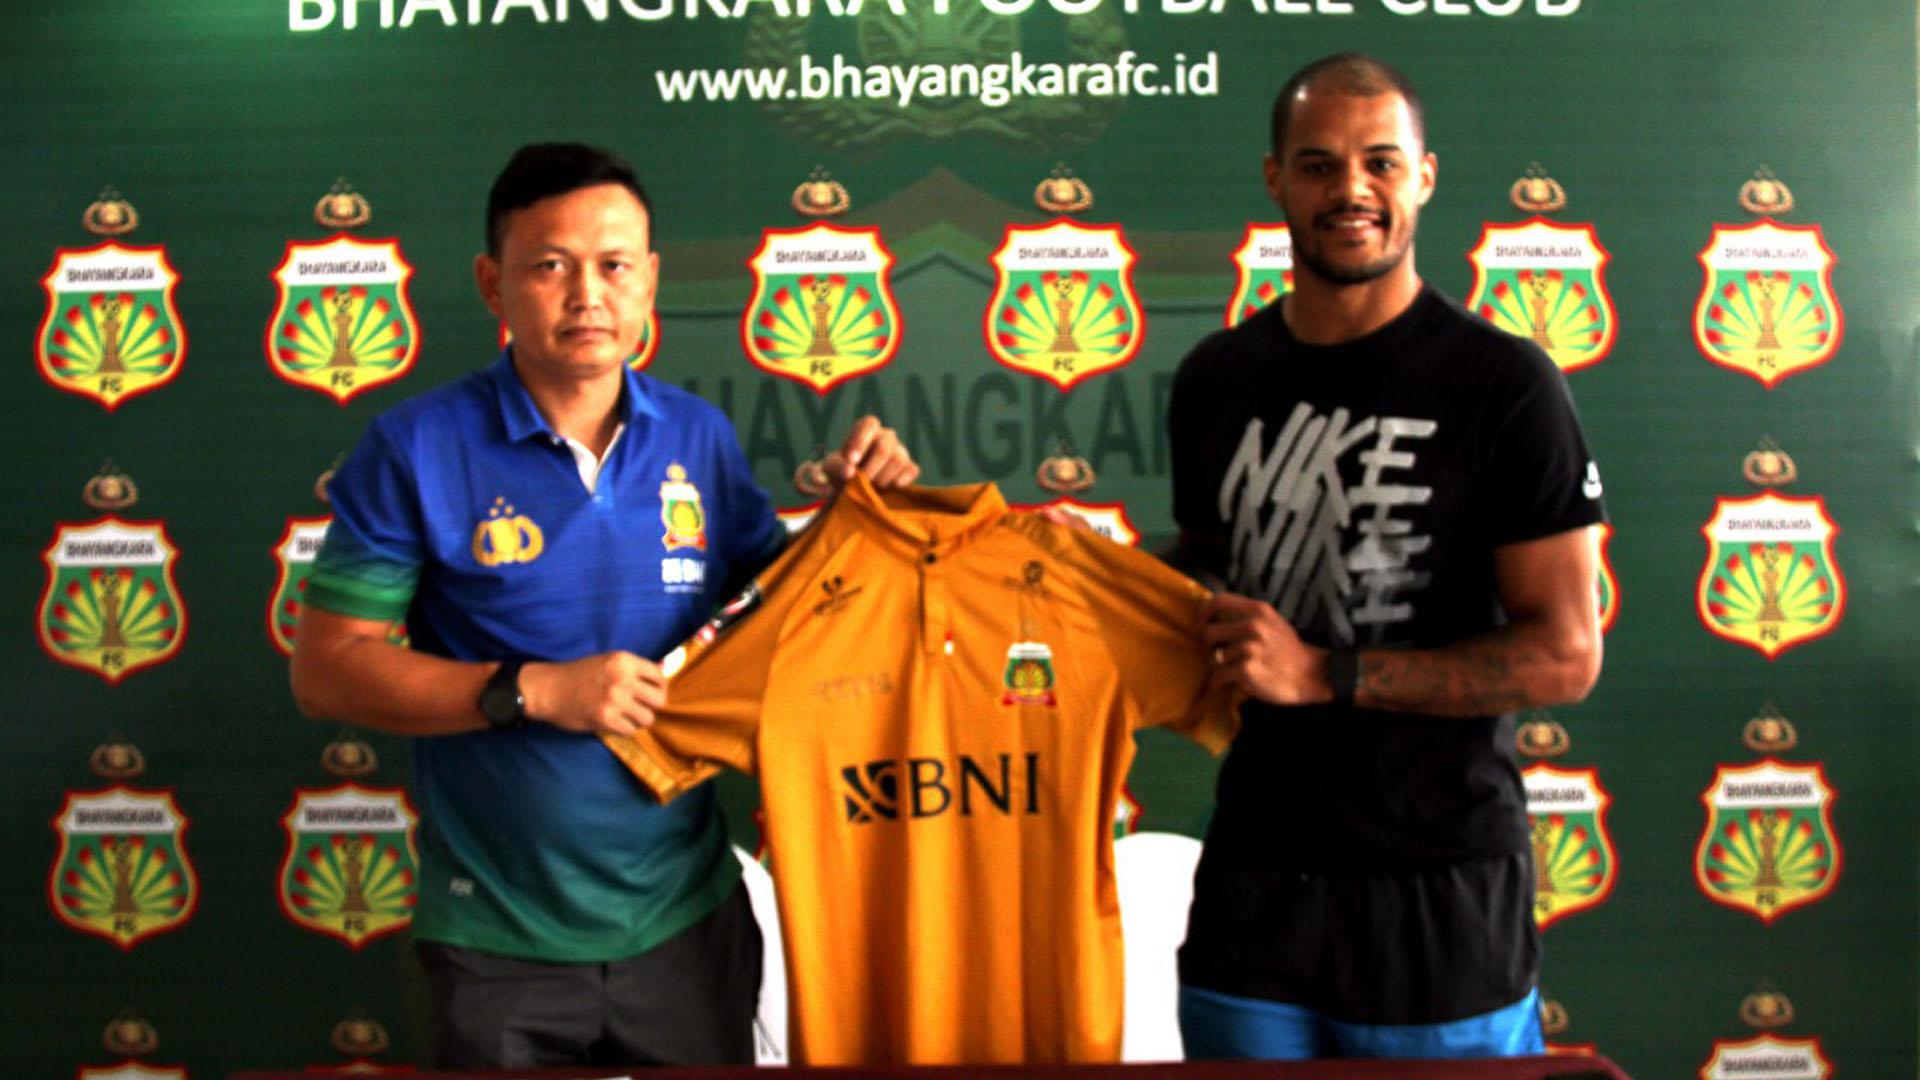 David Aparecido da Silva - Bhayangkara FC